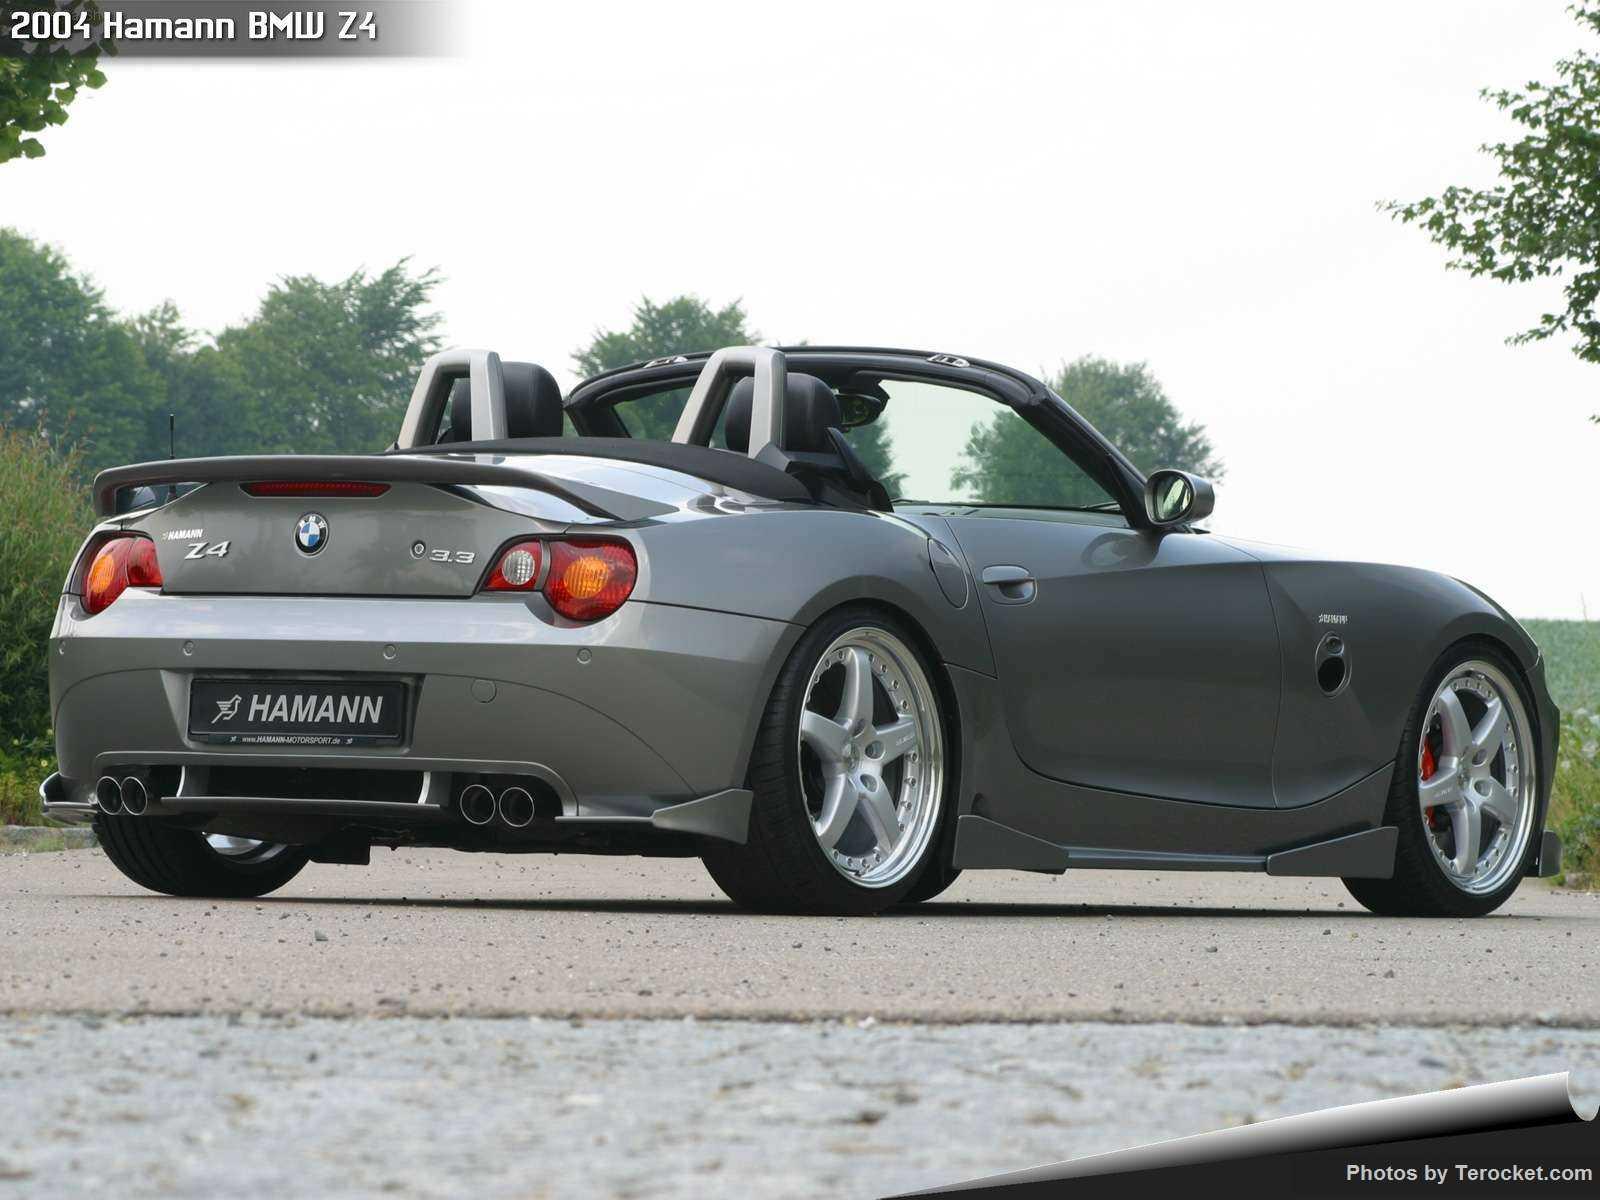 Hình ảnh xe ô tô Hamann BMW Z4 2010 & nội ngoại thất